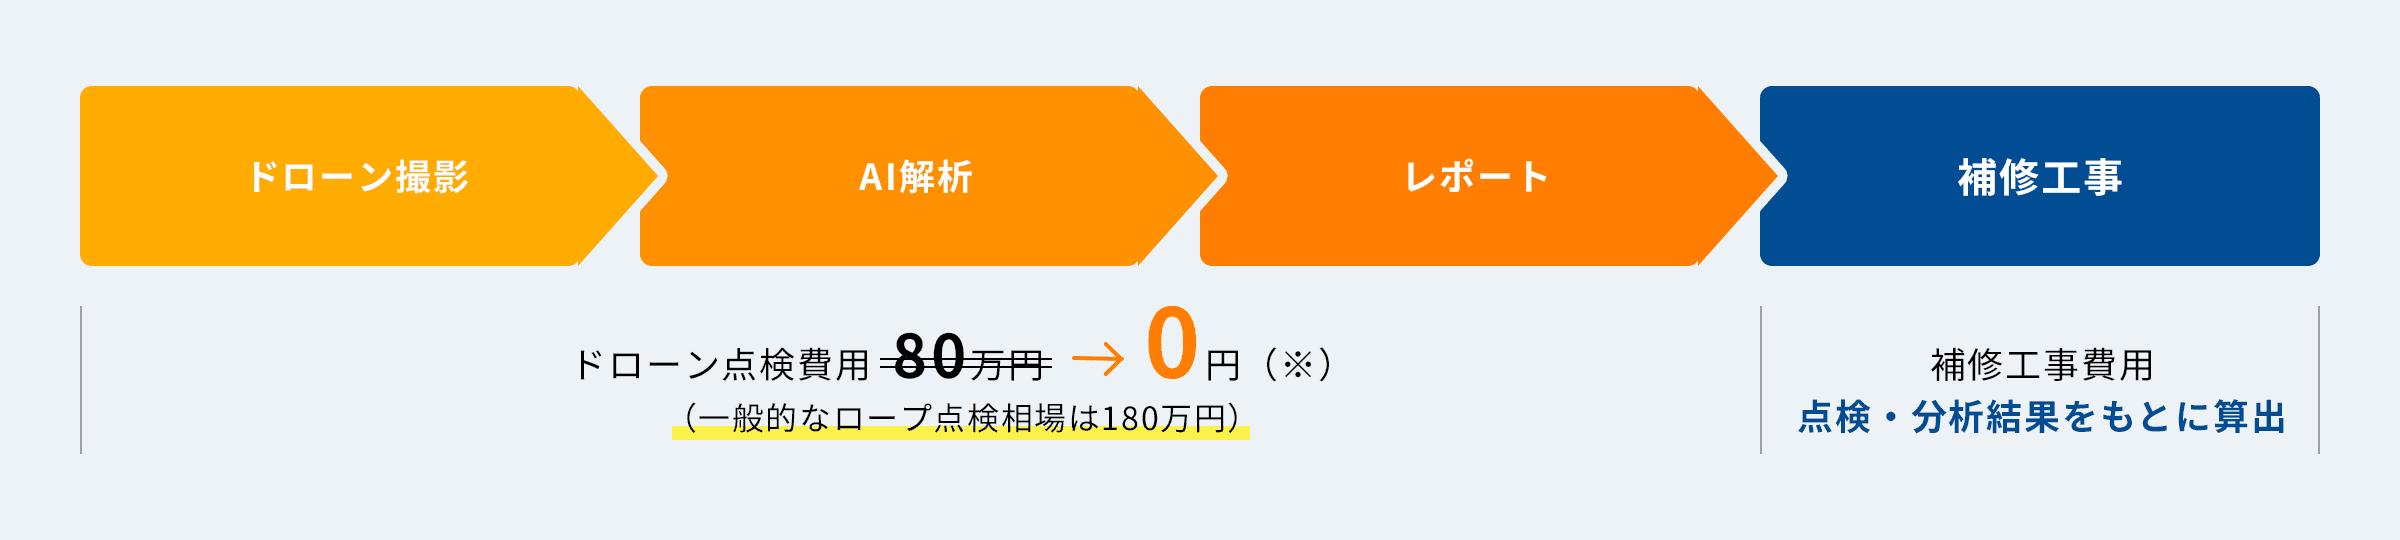 ドローン撮影 → AI解析 → レポート → 補修工事